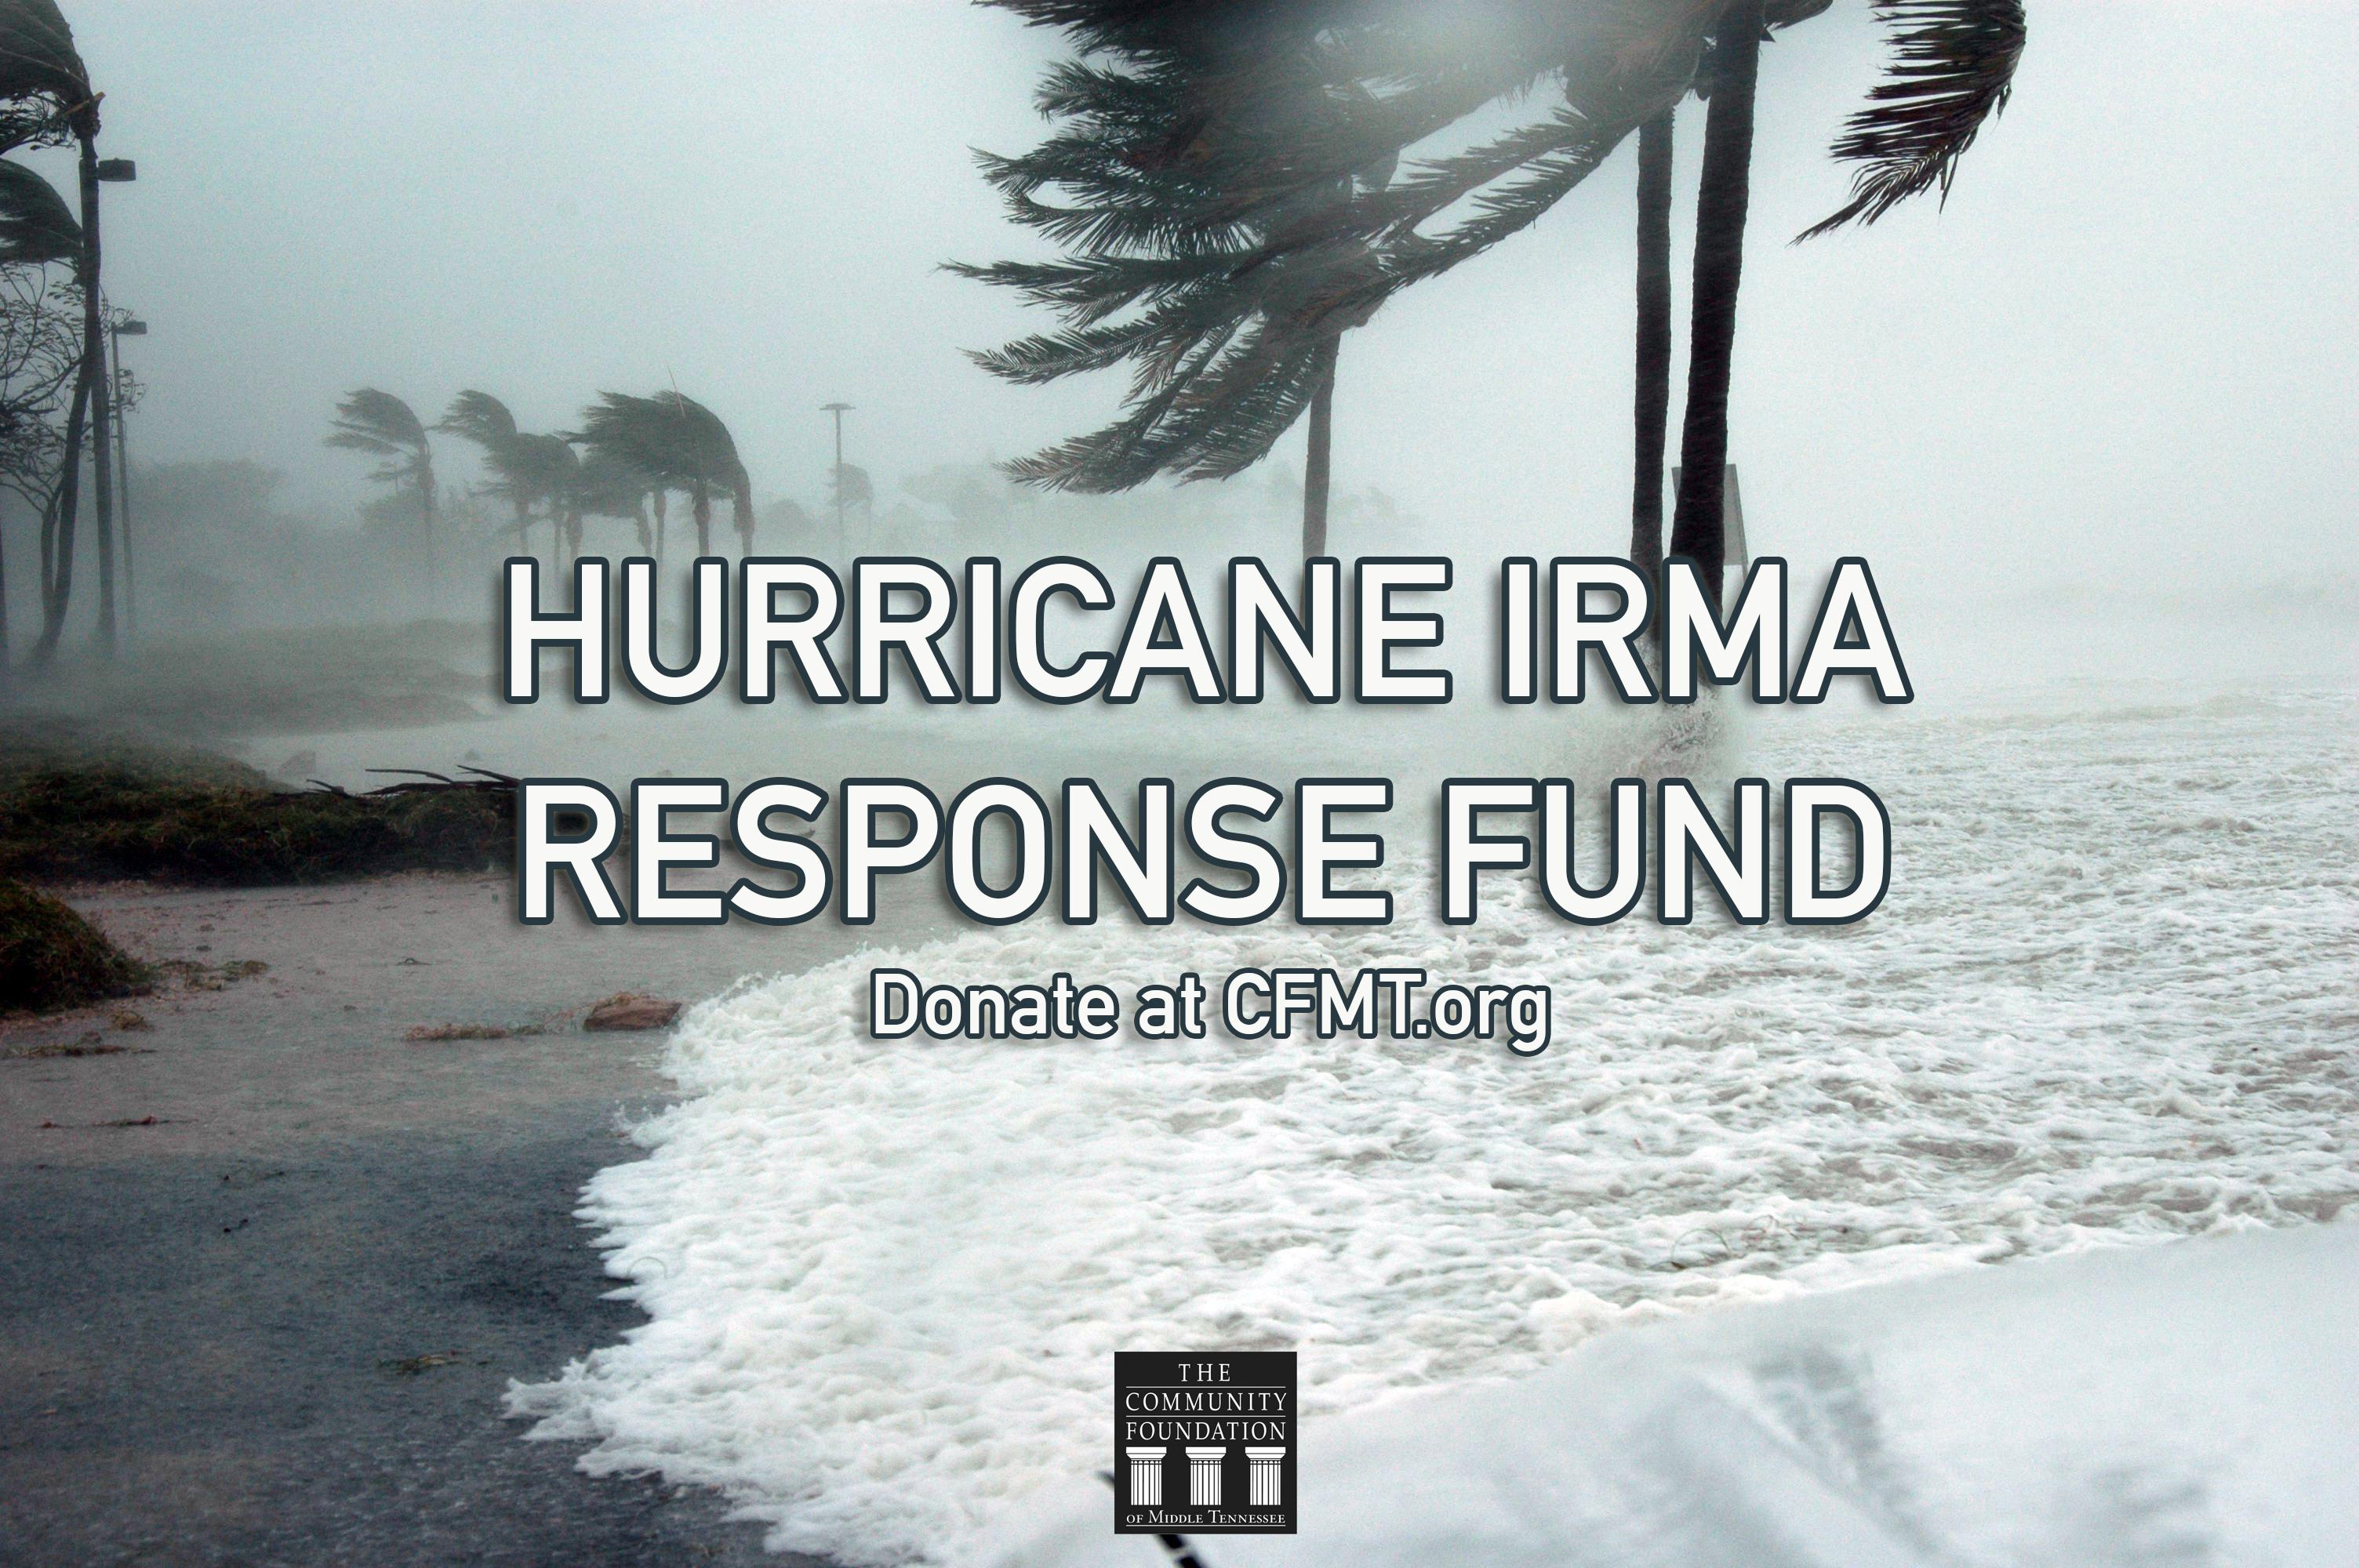 Hurricane Irma Response Fund